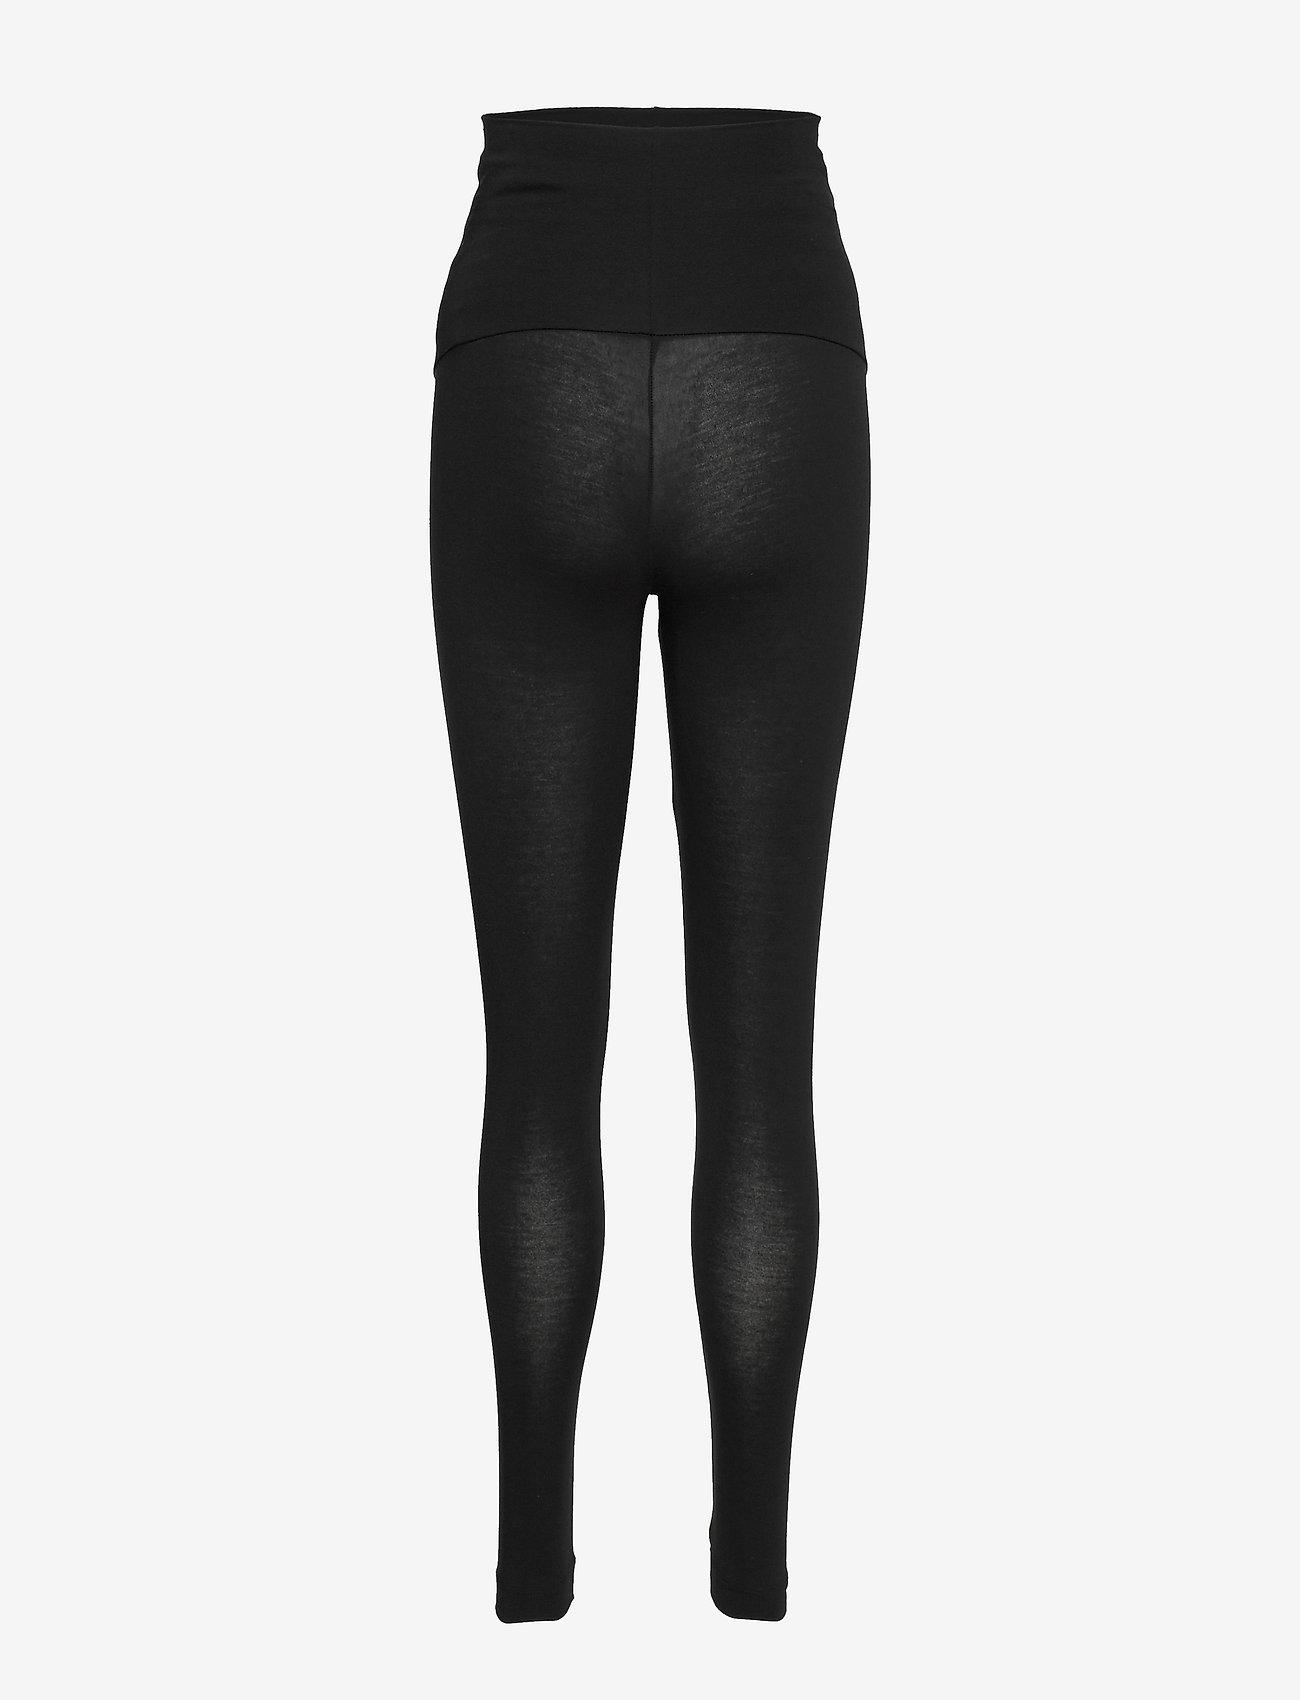 Boob - Once-on-never-off leggings - leggings - black - 2